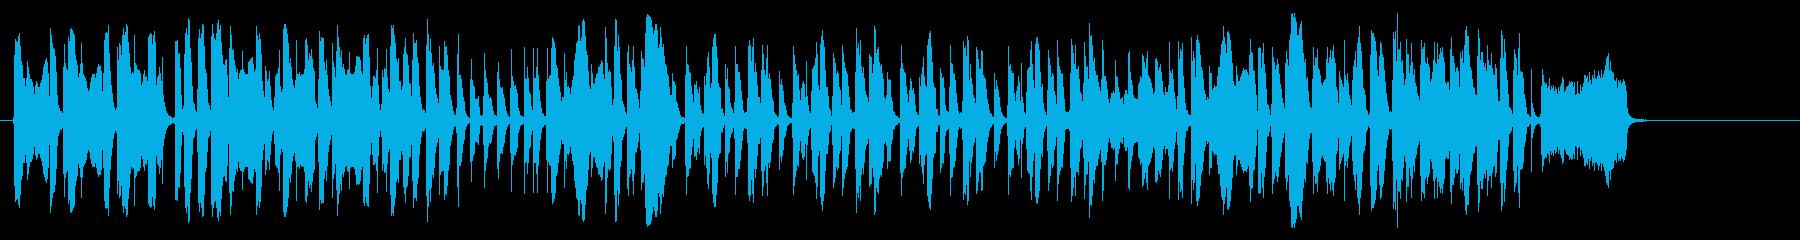 フィンガースナップの効いたアカペラの再生済みの波形